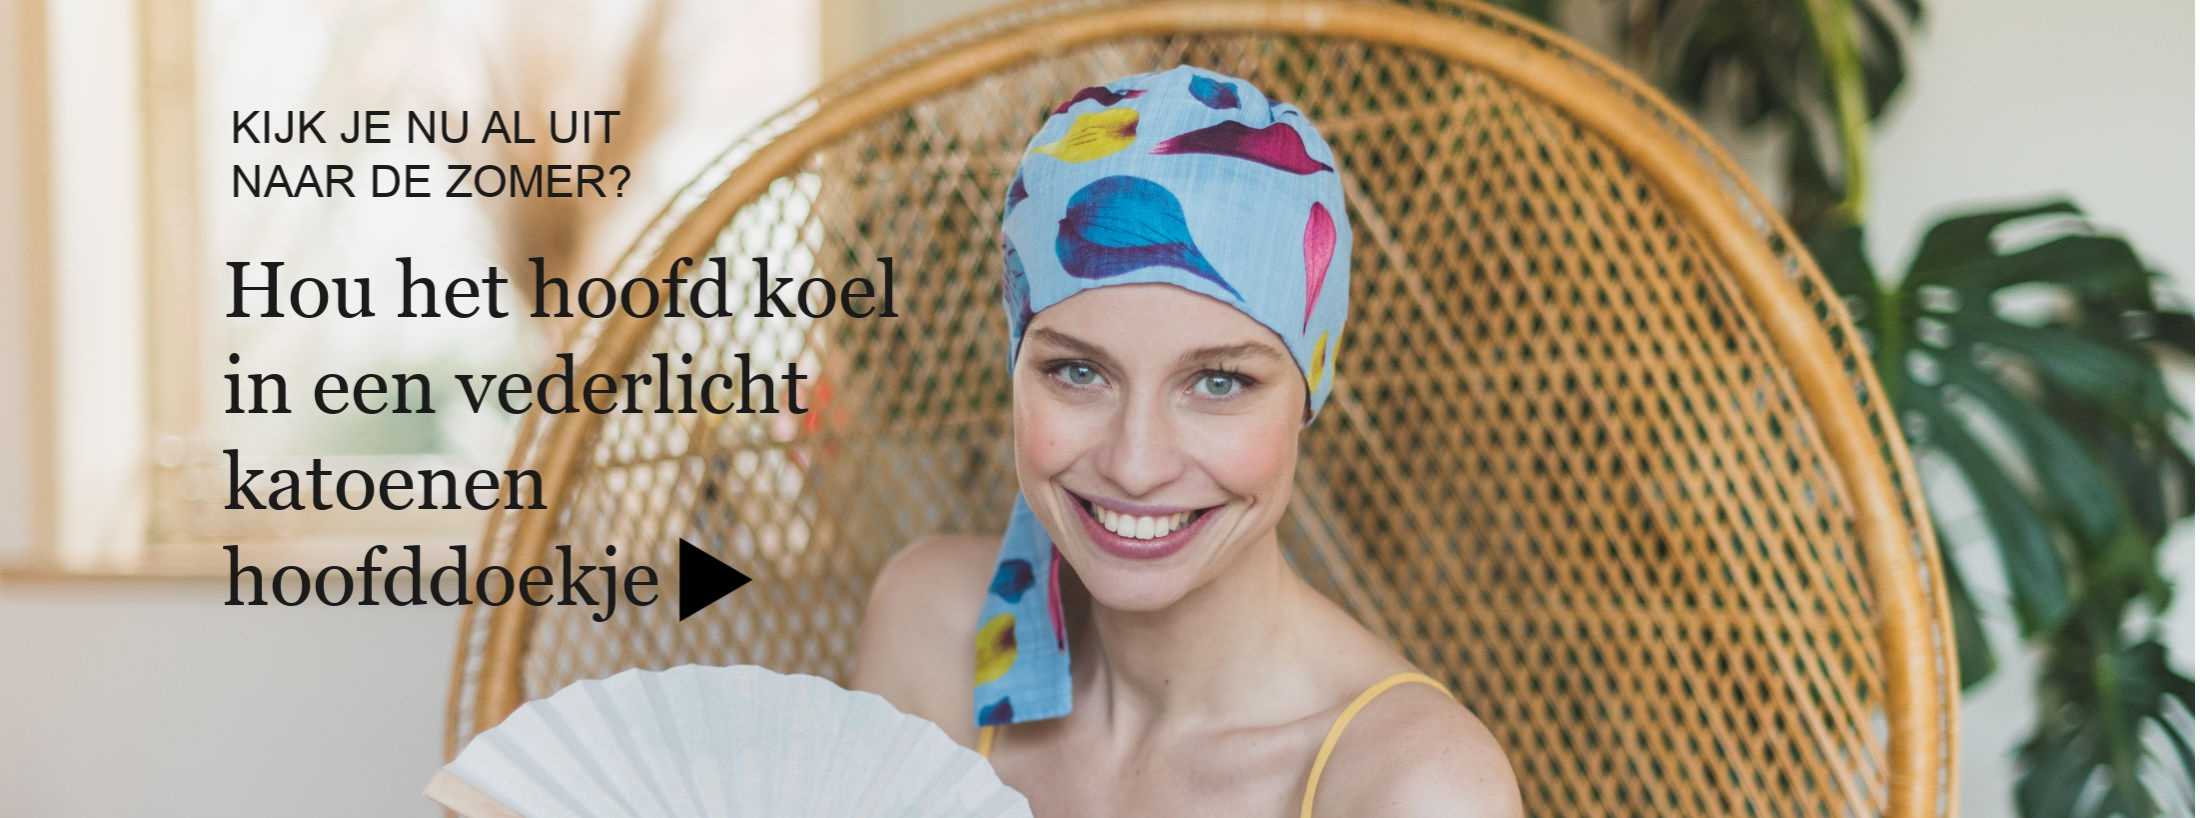 chemo hoofddoekjes na kanker